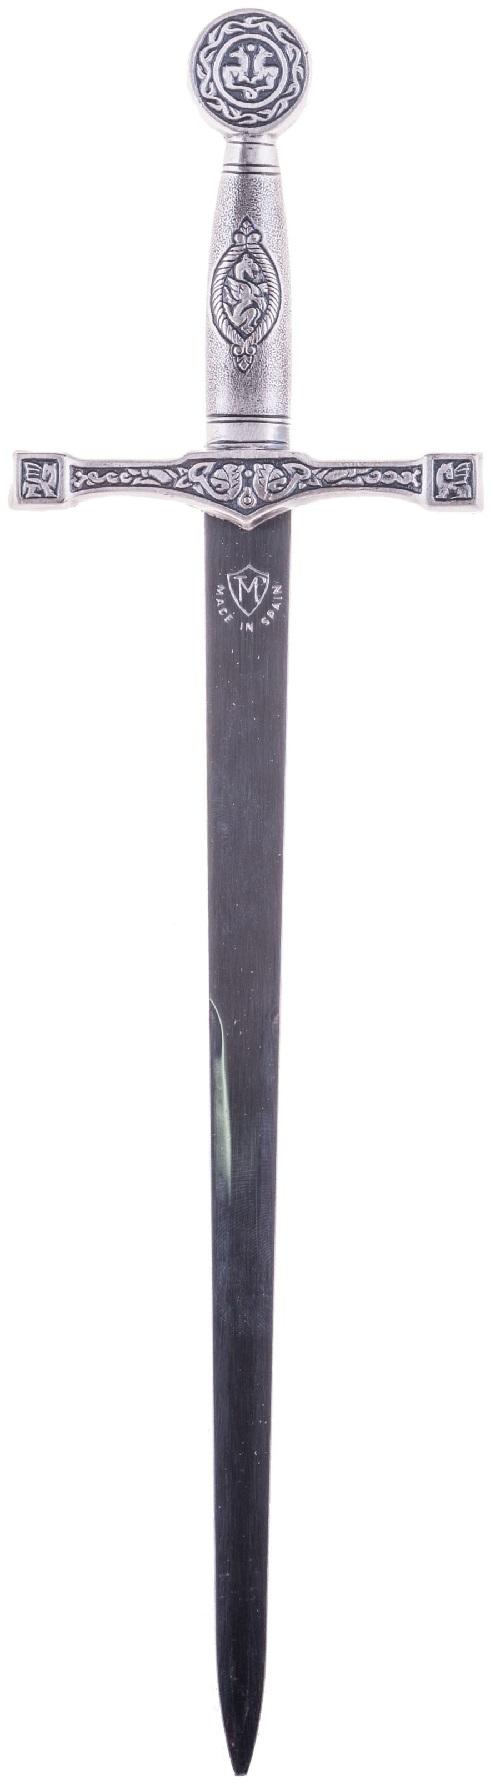 # 8216 Excalibur Sword Letter Opener by Marto of Toledo Spain